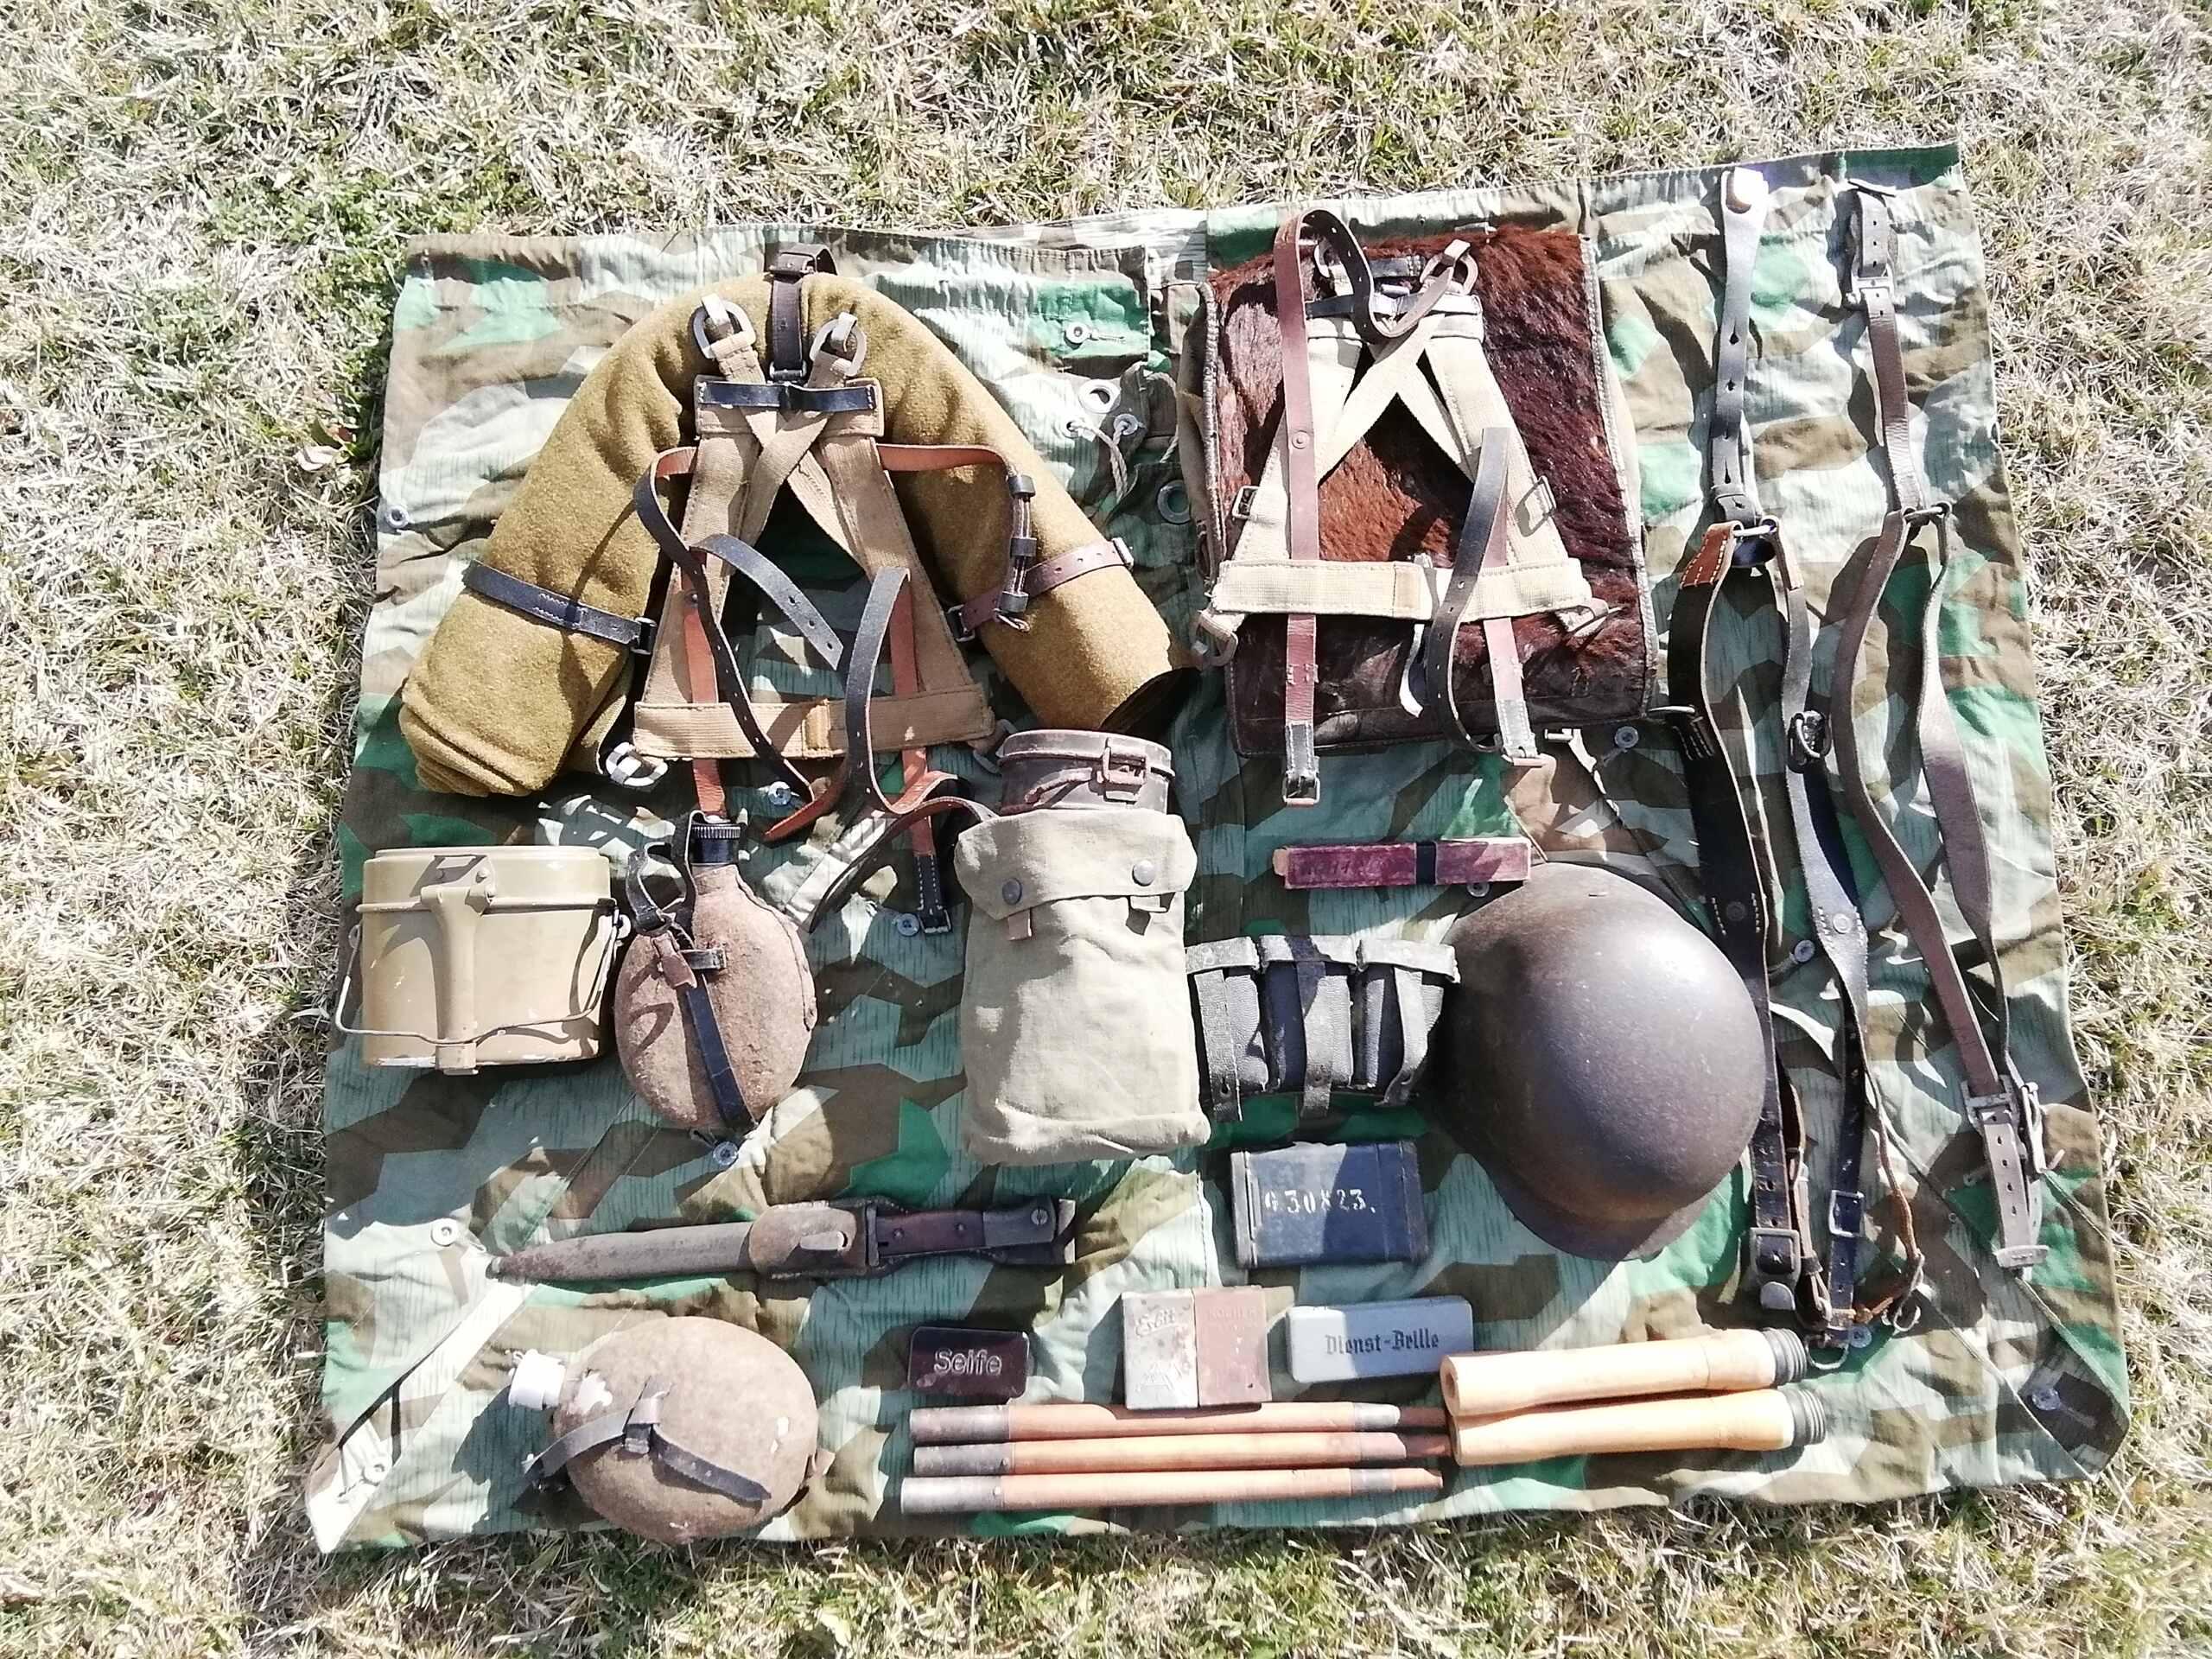 Équipements de mon fantassin de la wehrmacht  Img_2805